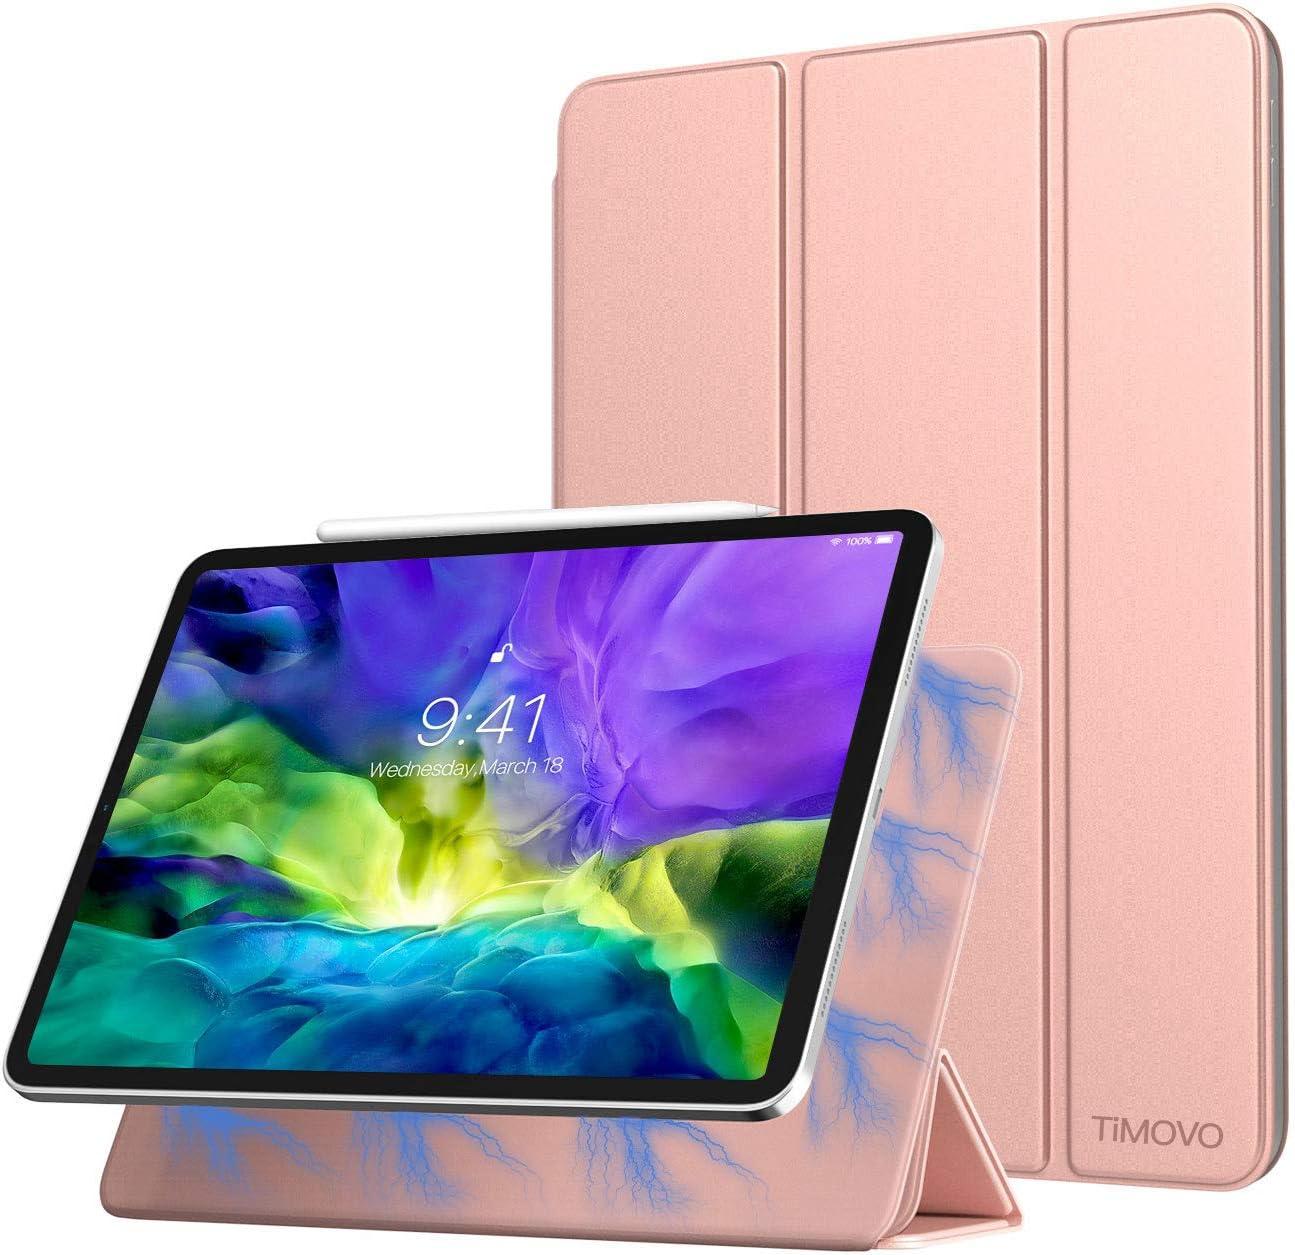 Funda para iPad Pro 11 2da Gen A2228/A2068/A2230/A2231 Rosa